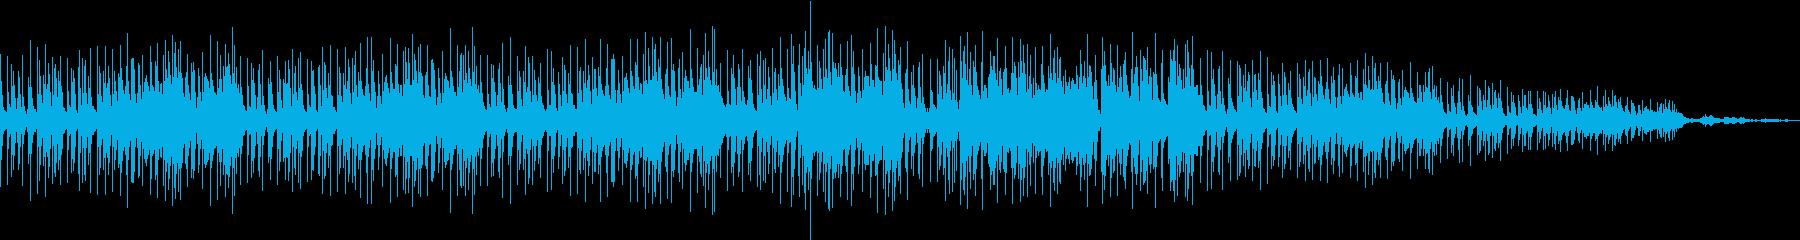 ミドルテンポのグルービーなHIP-HOPの再生済みの波形